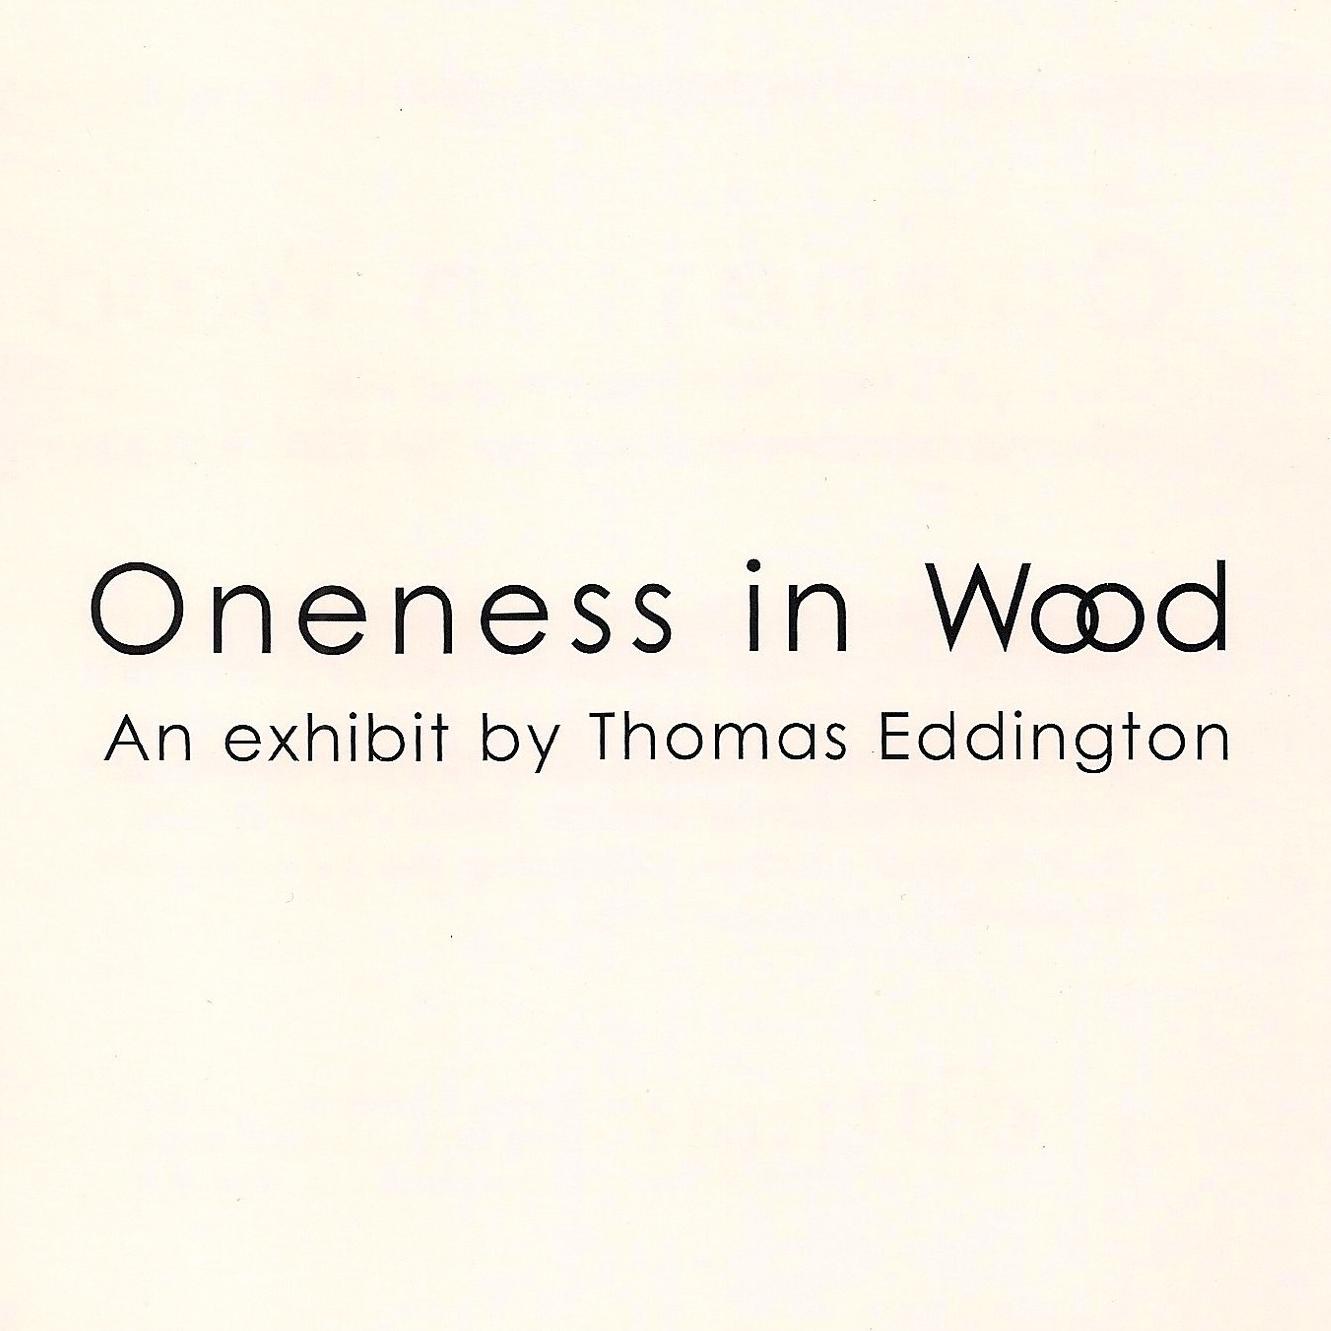 ONENESS IN WOOD